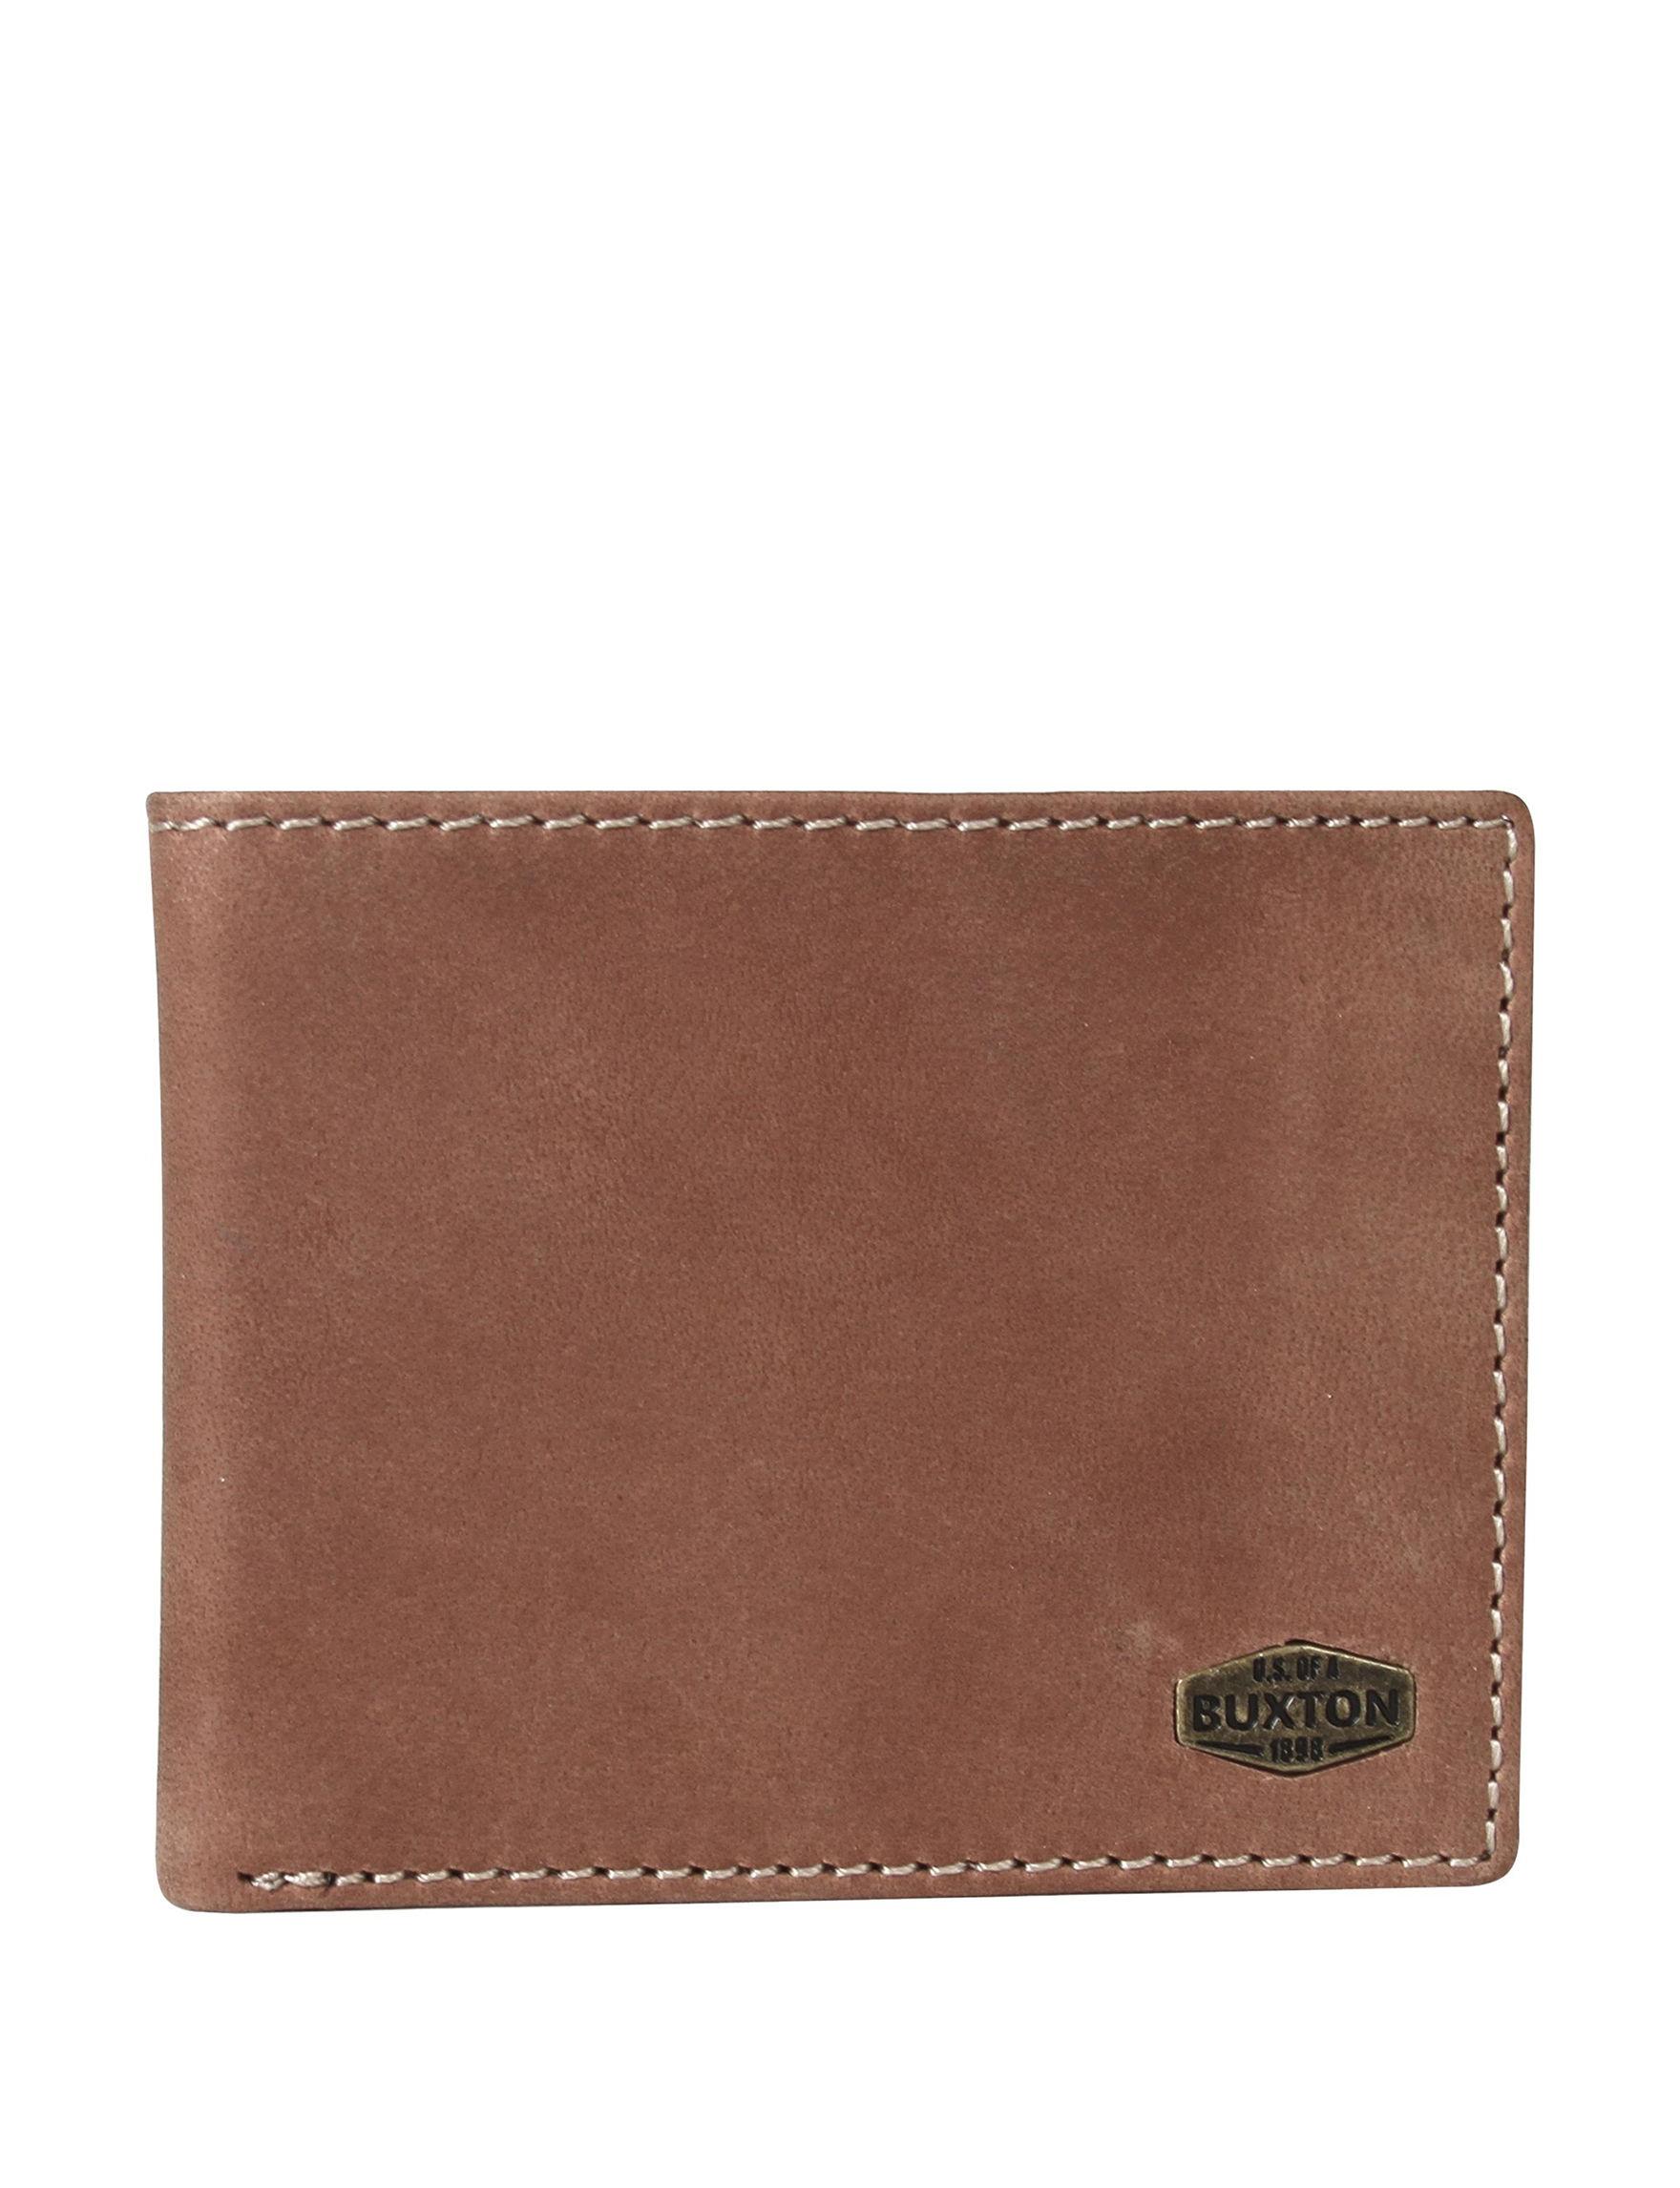 Buxton Brown Bi-fold Wallets